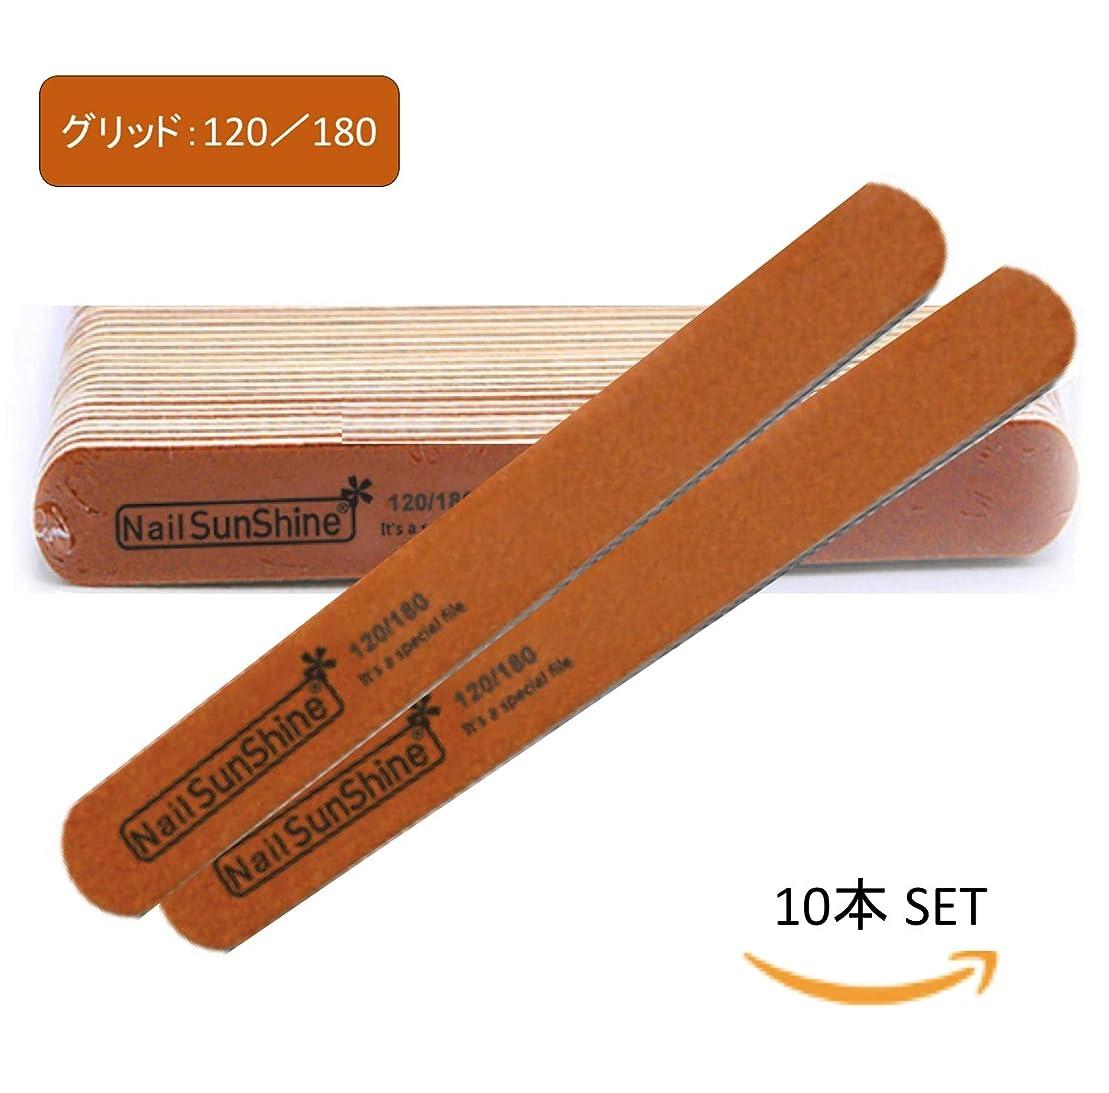 穏やかな要塞エンゲージメントBEATON JAPAN 爪やすり ネイルファイル エメリーボード アクリルファイル 100/150 180/240 240/320 10本セット ジェルオフ (120/180)